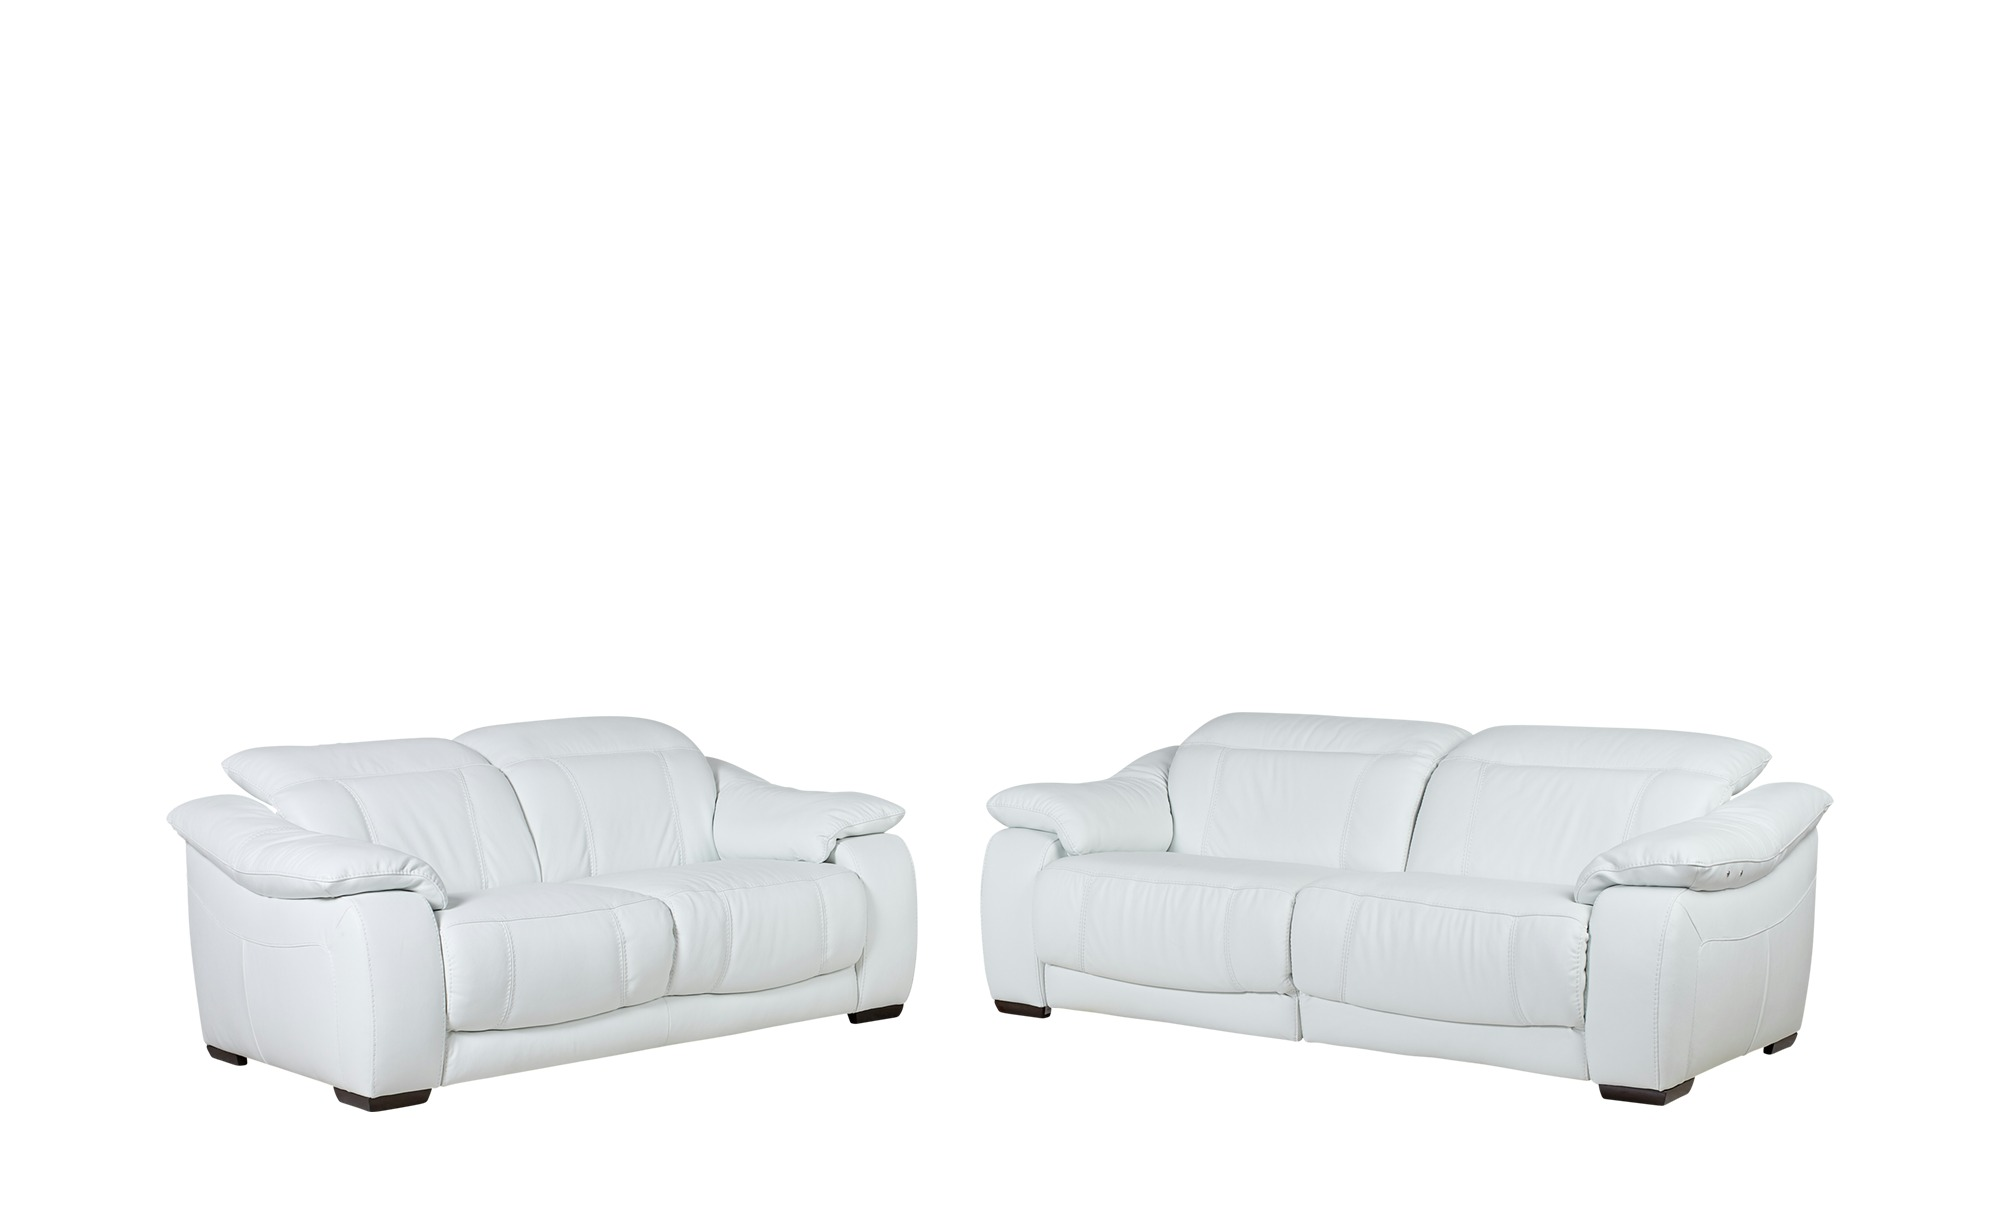 Leder-Sitzgruppe mit elektrischer Funktion weiß - Leder Unika ¦ weiß Polstermöbel > Sofas > Sitzgruppen - Höffner